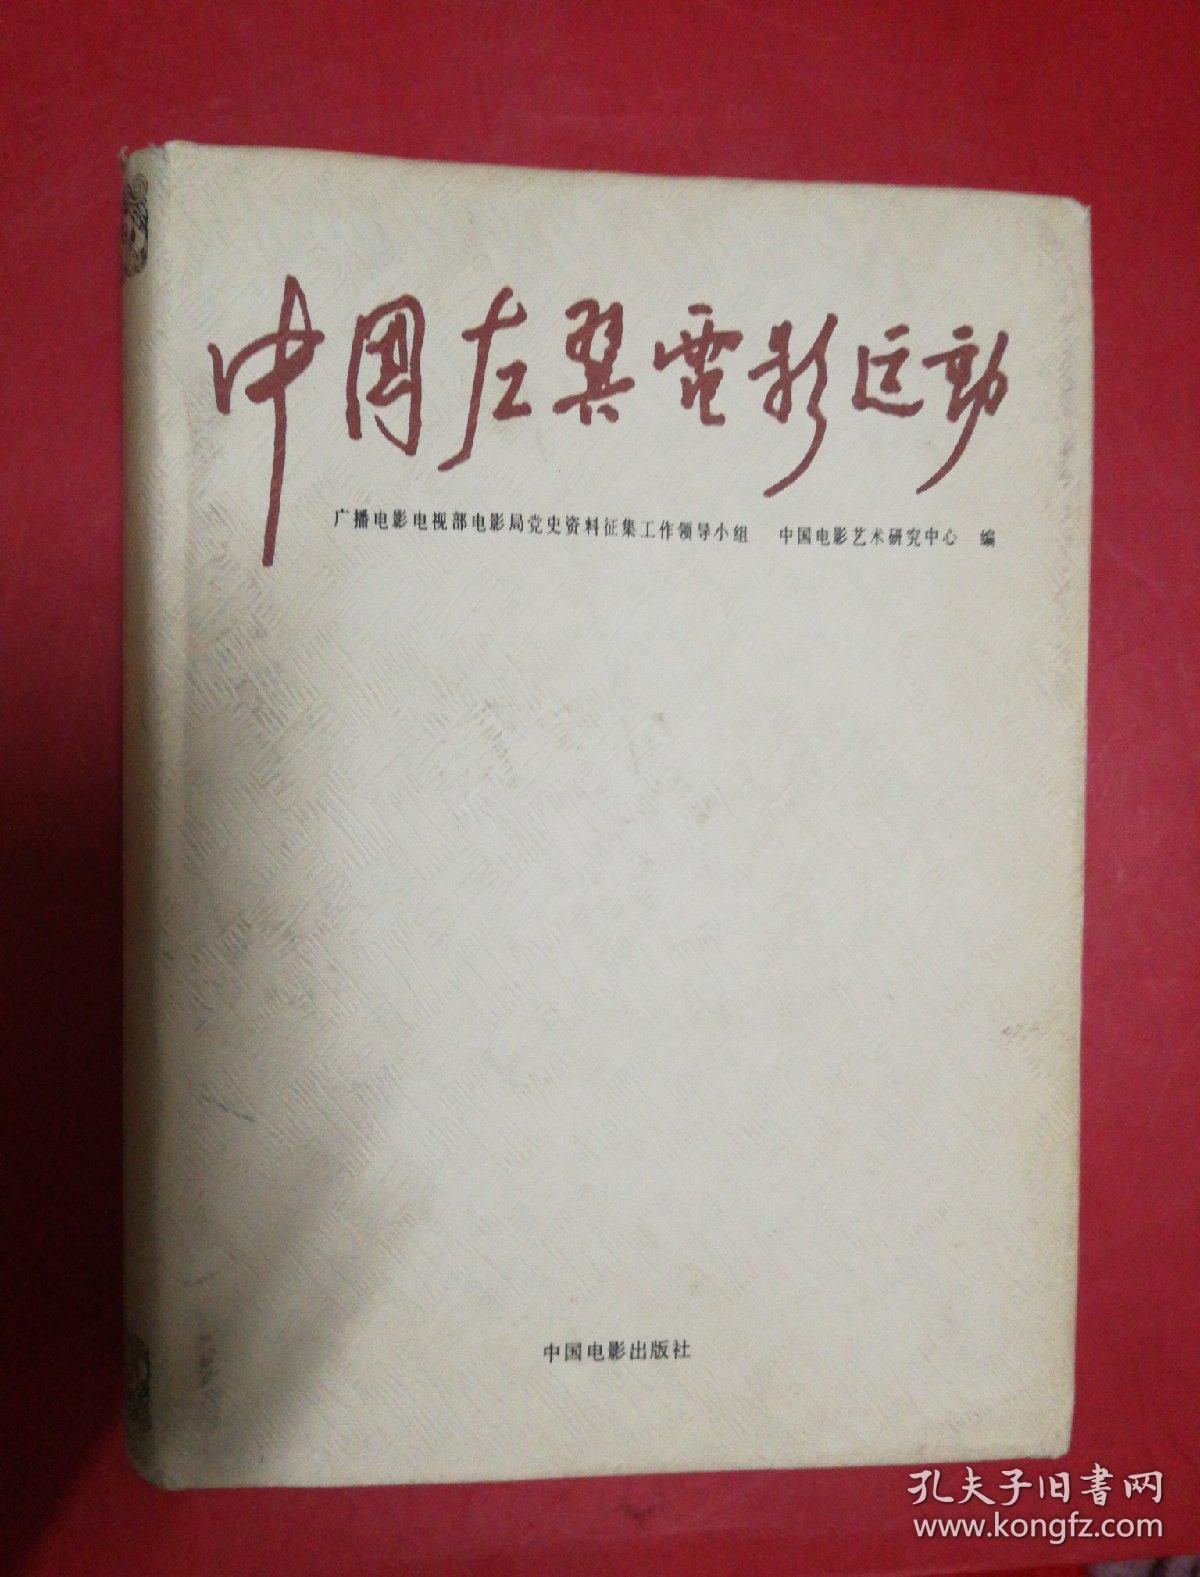 《中国左翼电影活动》。图片来自网络